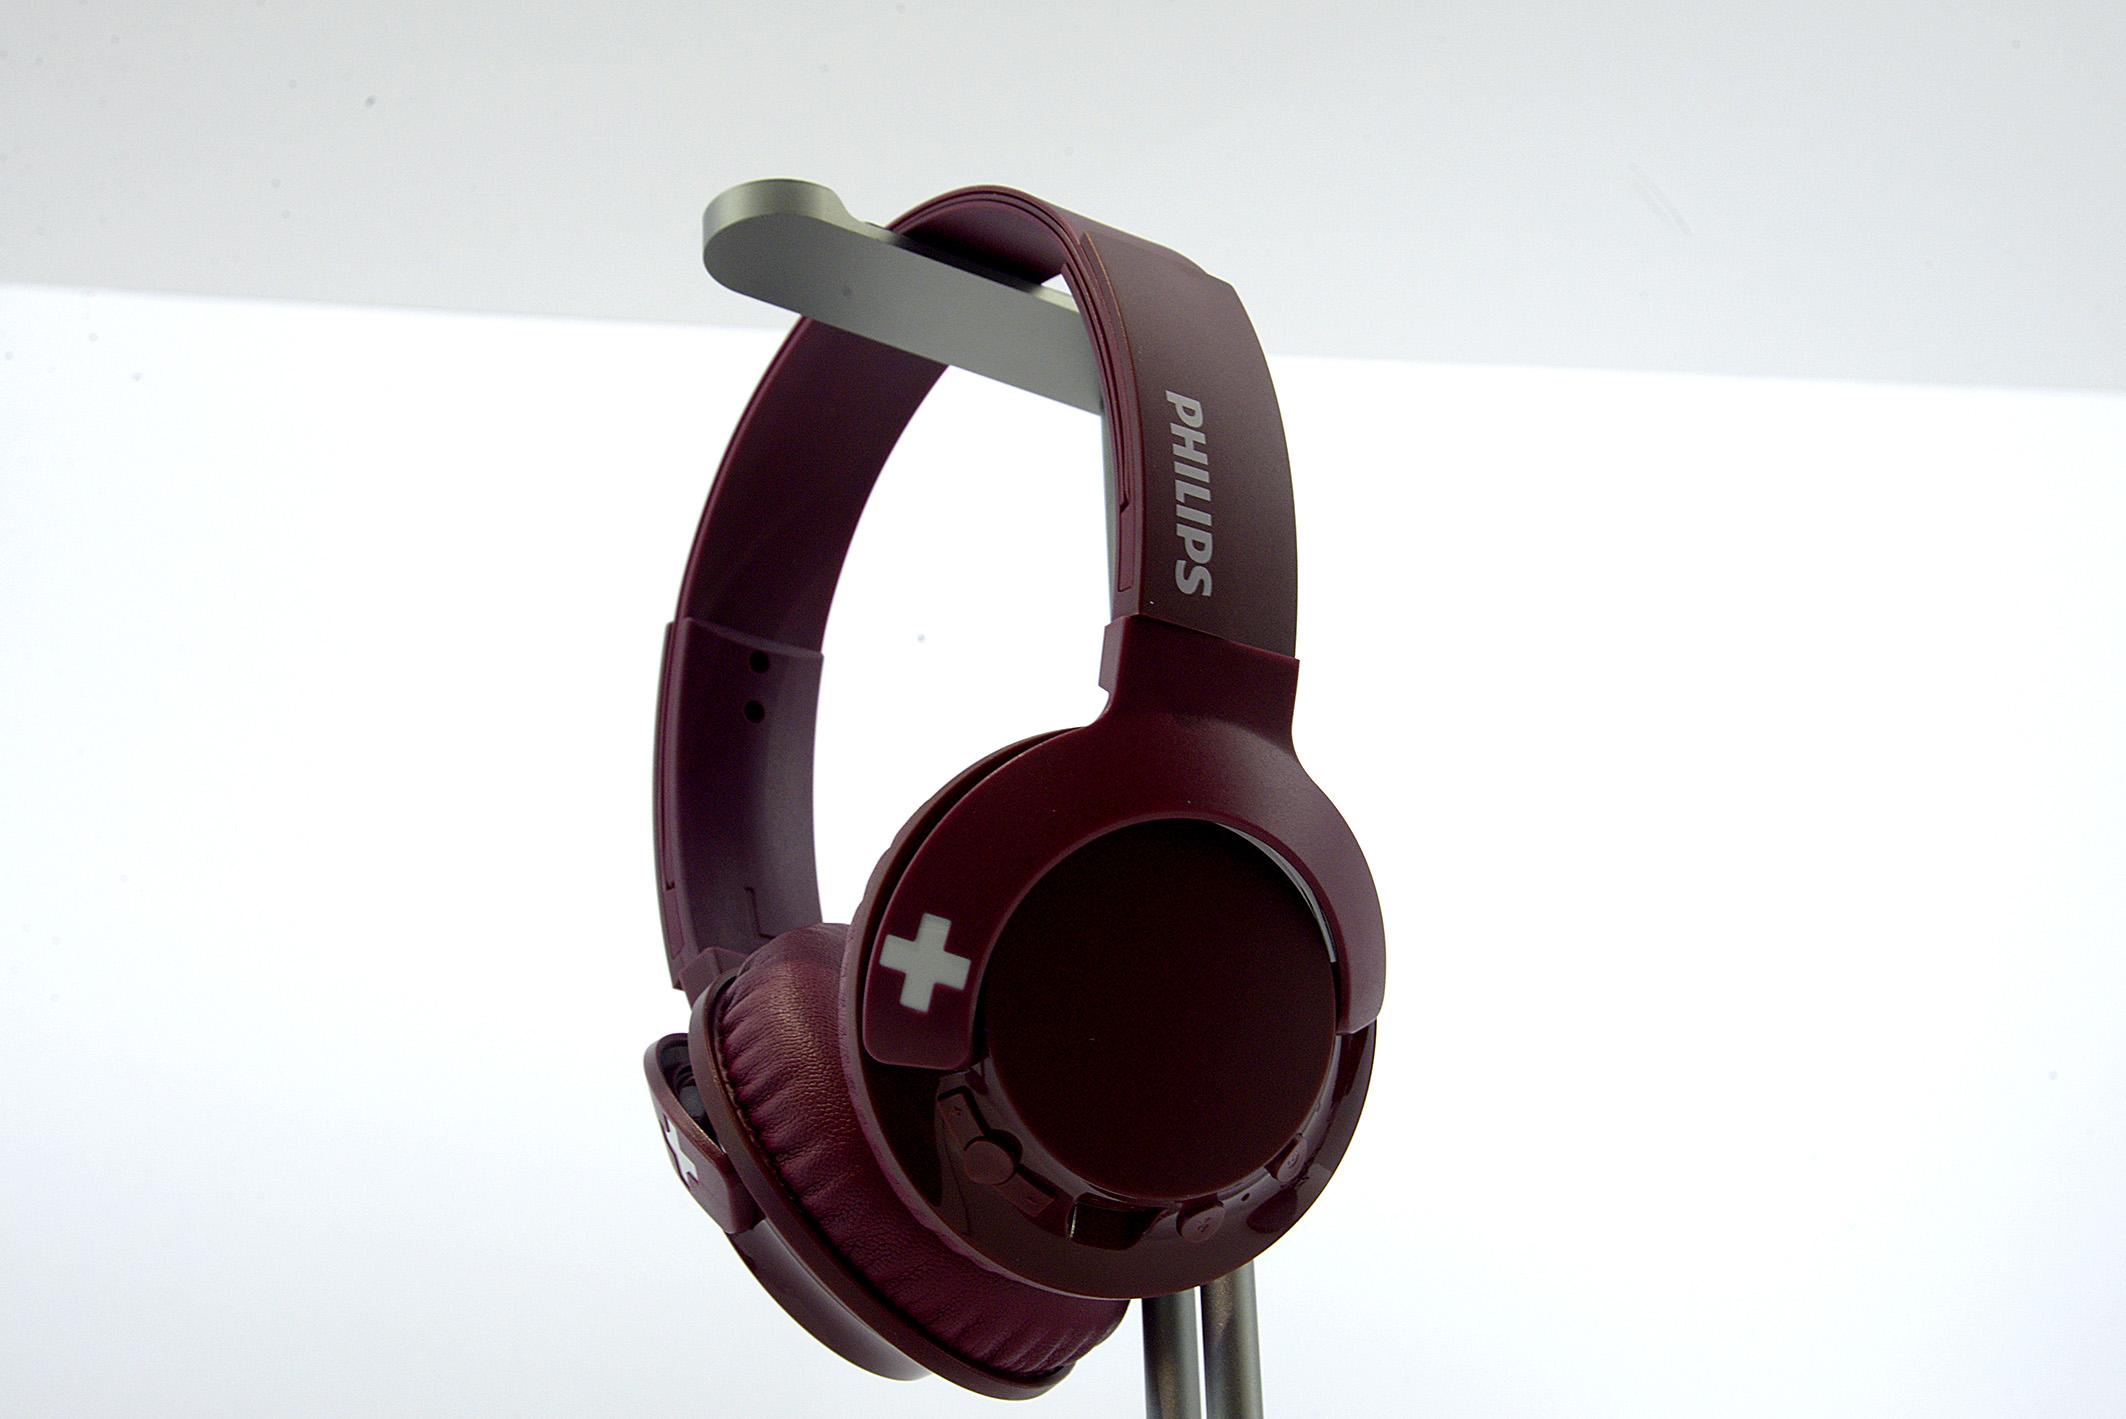 Foto: Michael B. Rehders Um abends ungestört Musik und Filmen zu lauschen, bietet Philips diesen Kopfhörer an.